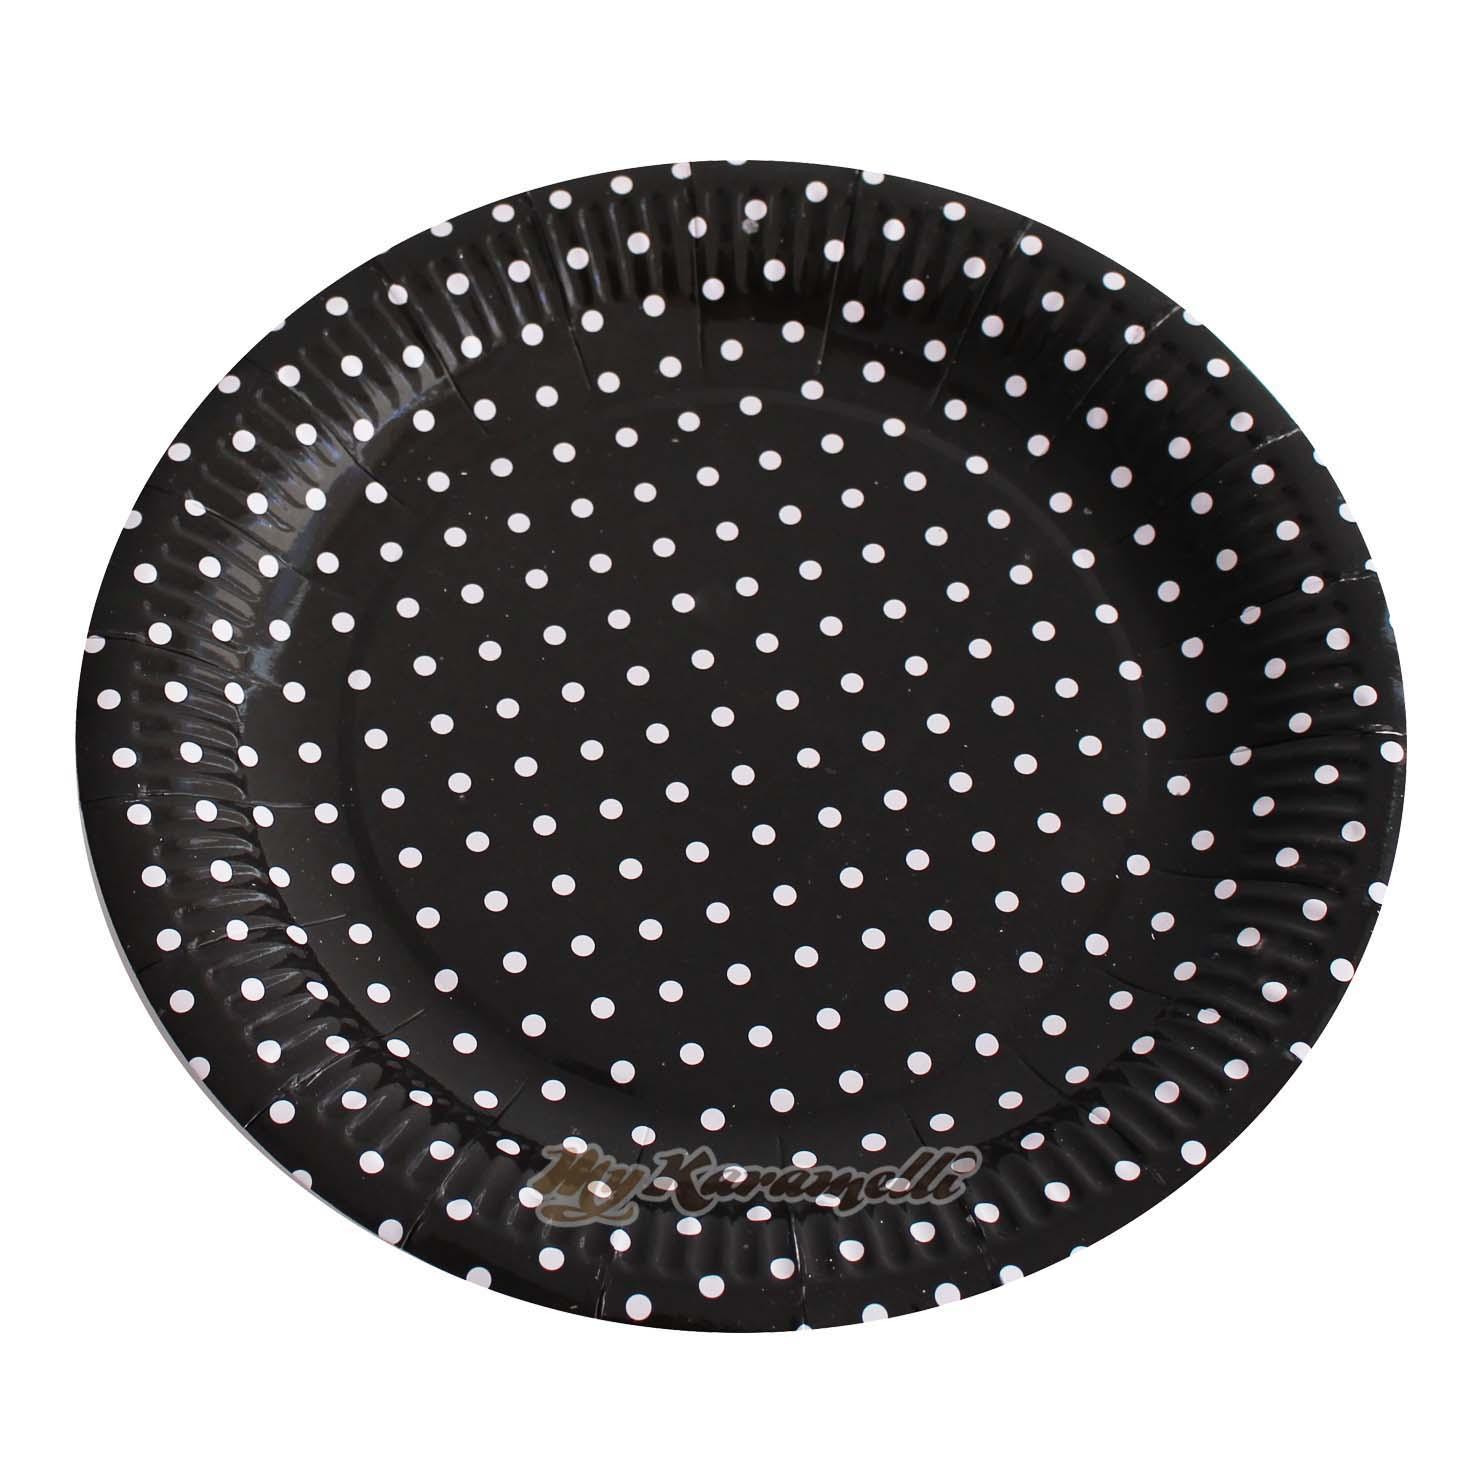 Juego de 10 platos de Papel Black Polkadot